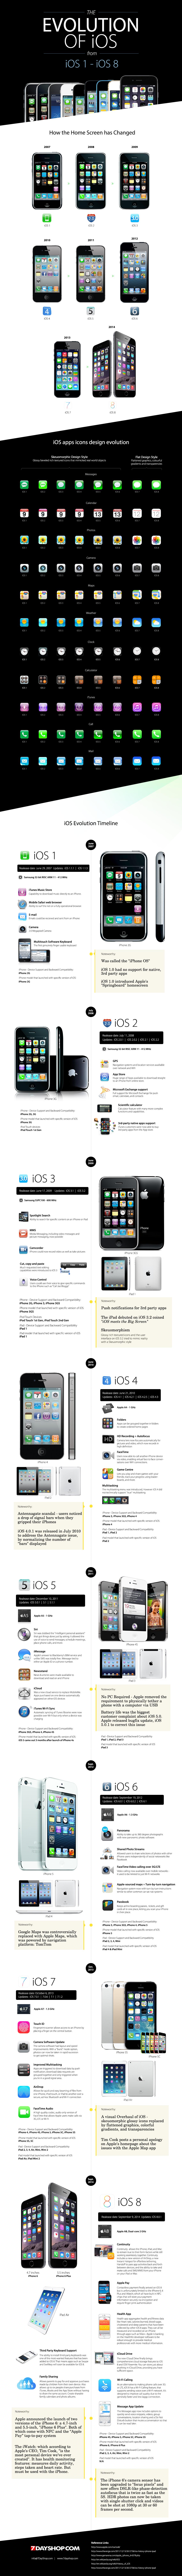 Evolução do iOS